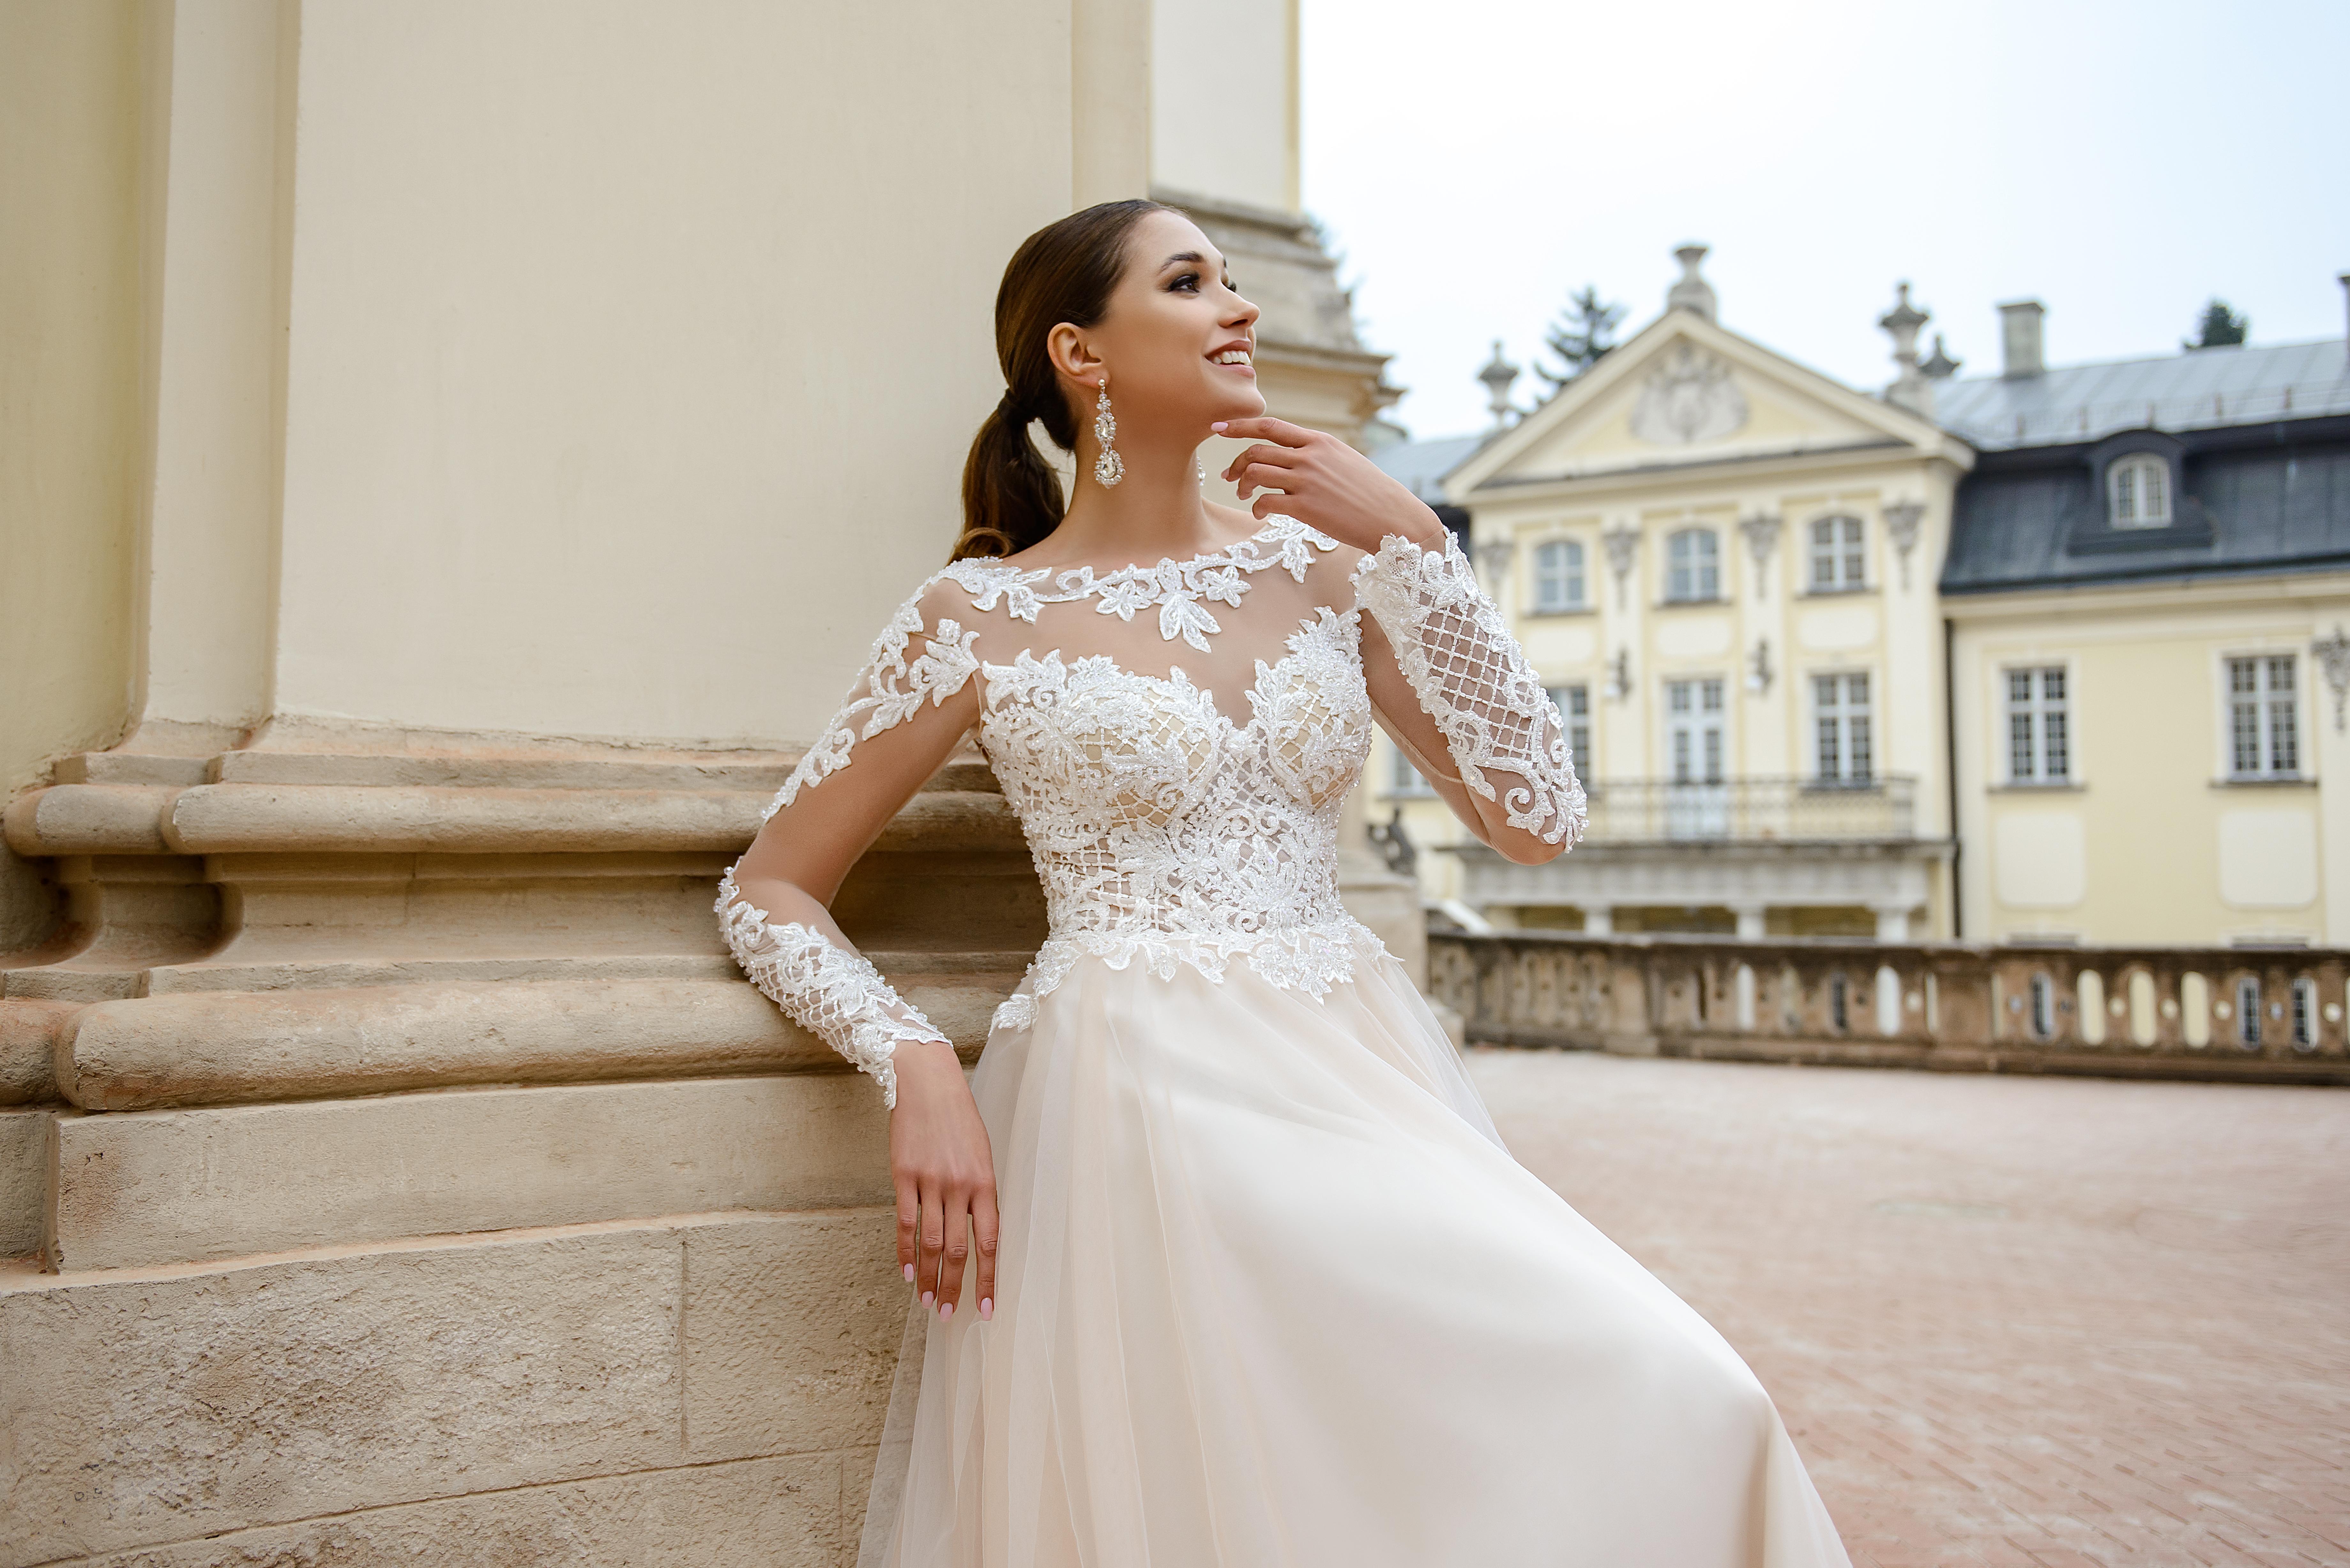 Свадебное платье айвори с кружевным лифом и рукавами оптом от SuperNova-1